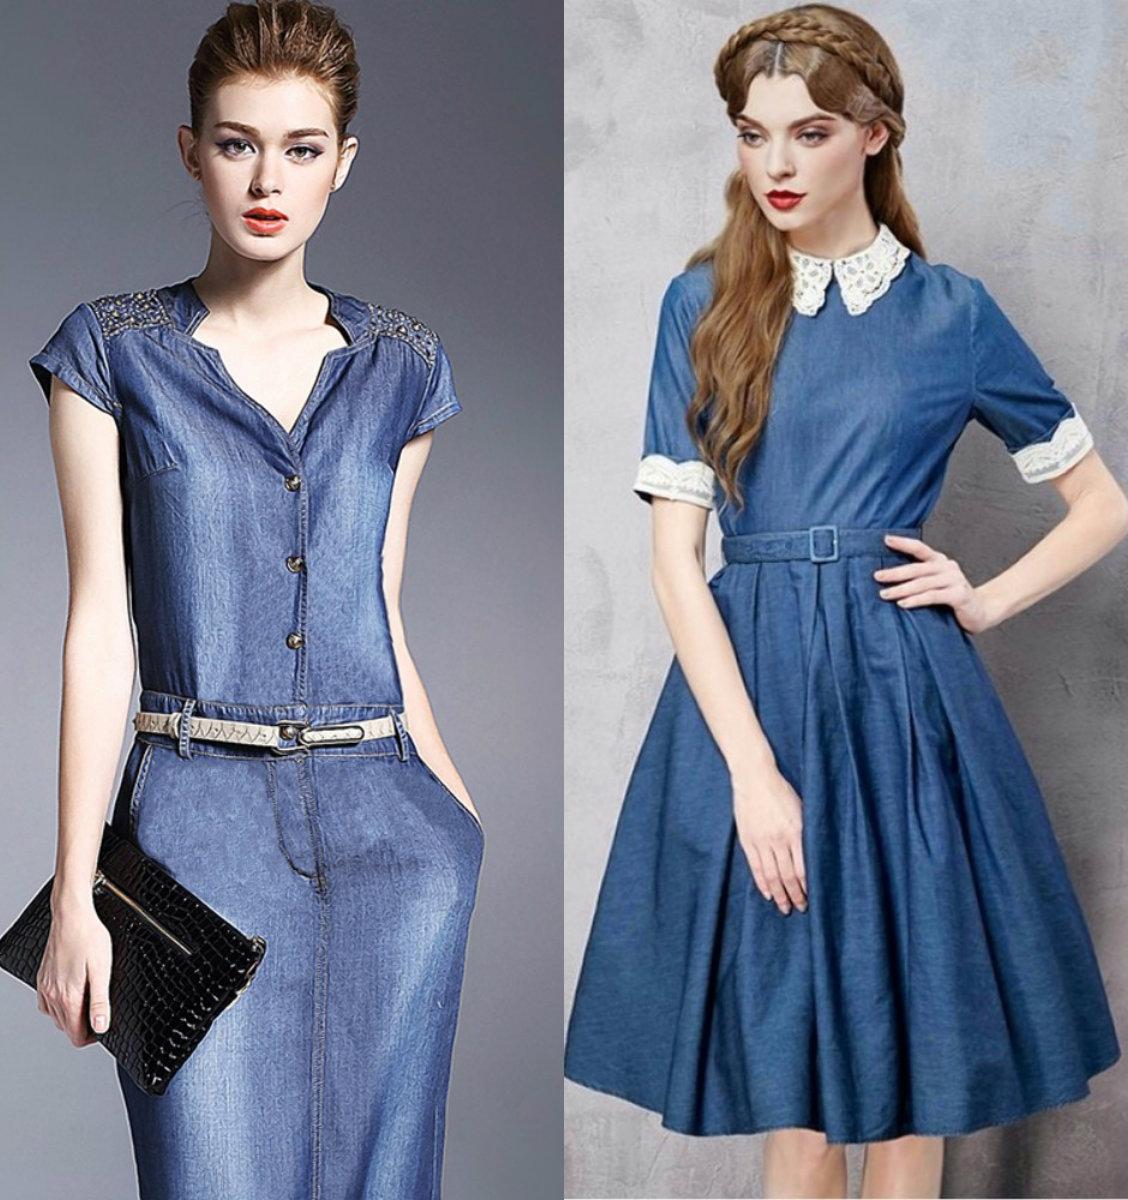 Джинсовые платья 2018: молодежные модели